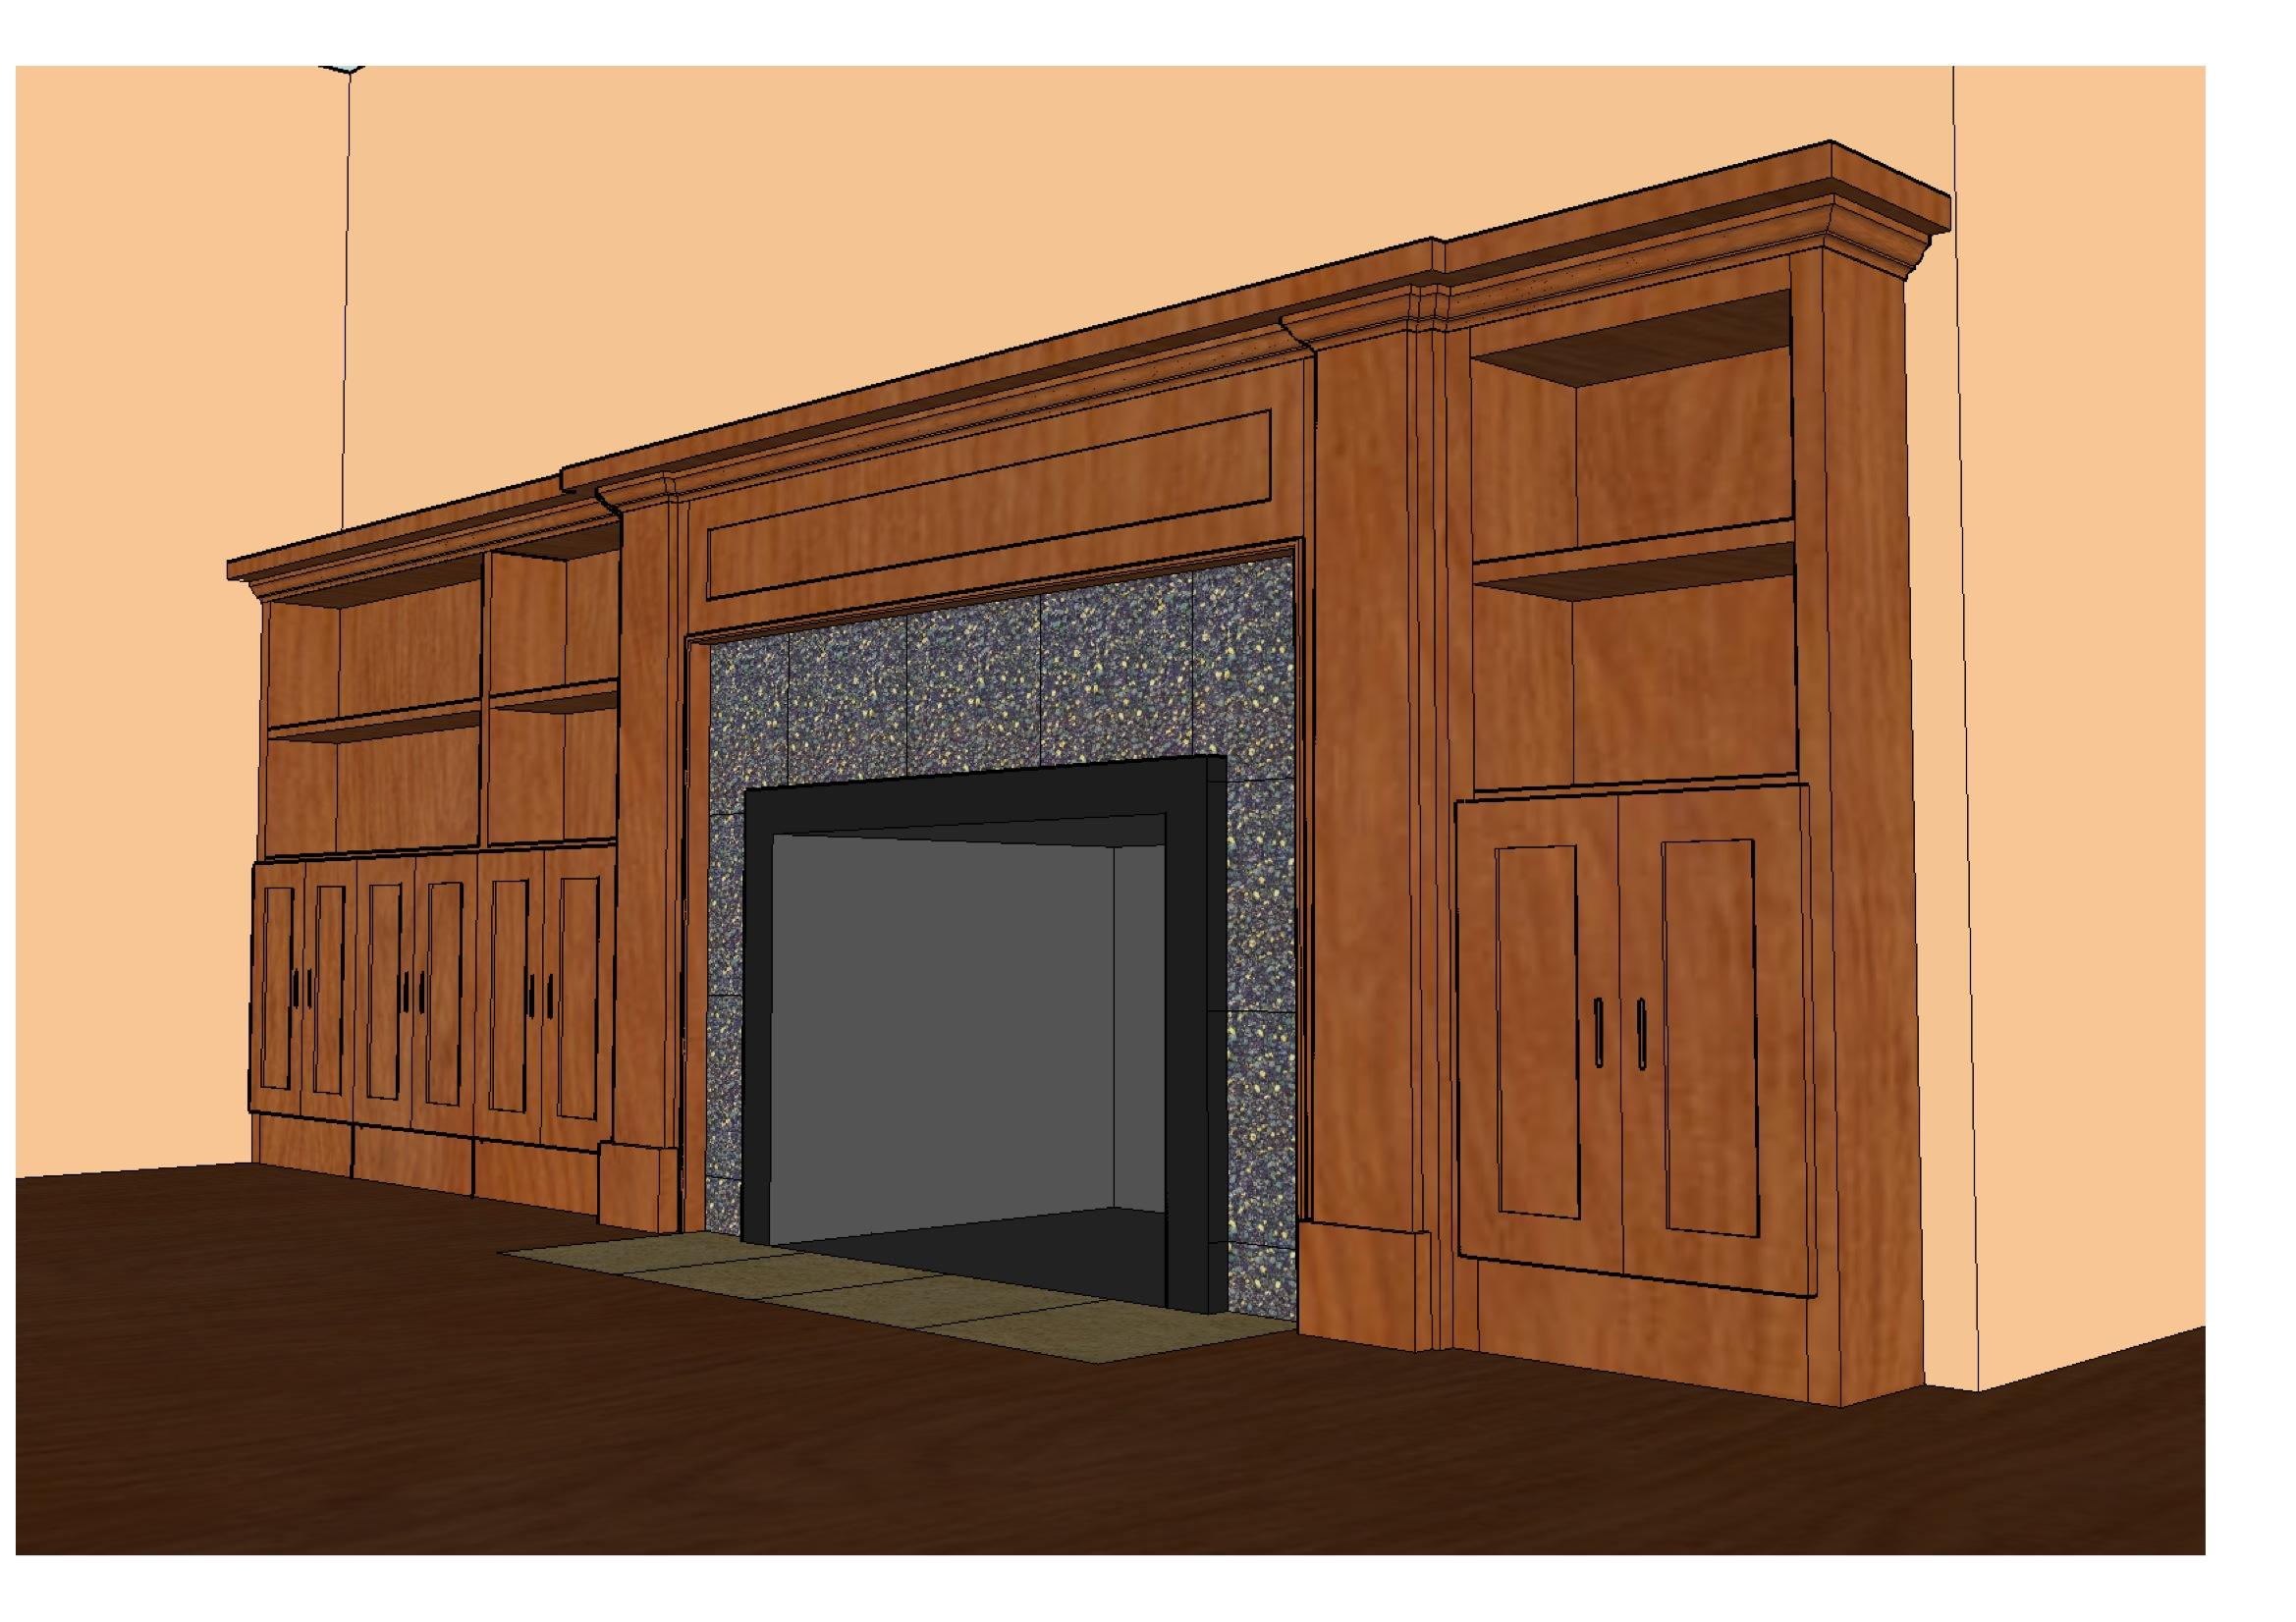 Trabajos de diseño - Diseño perro aullando - Construction LLC ()